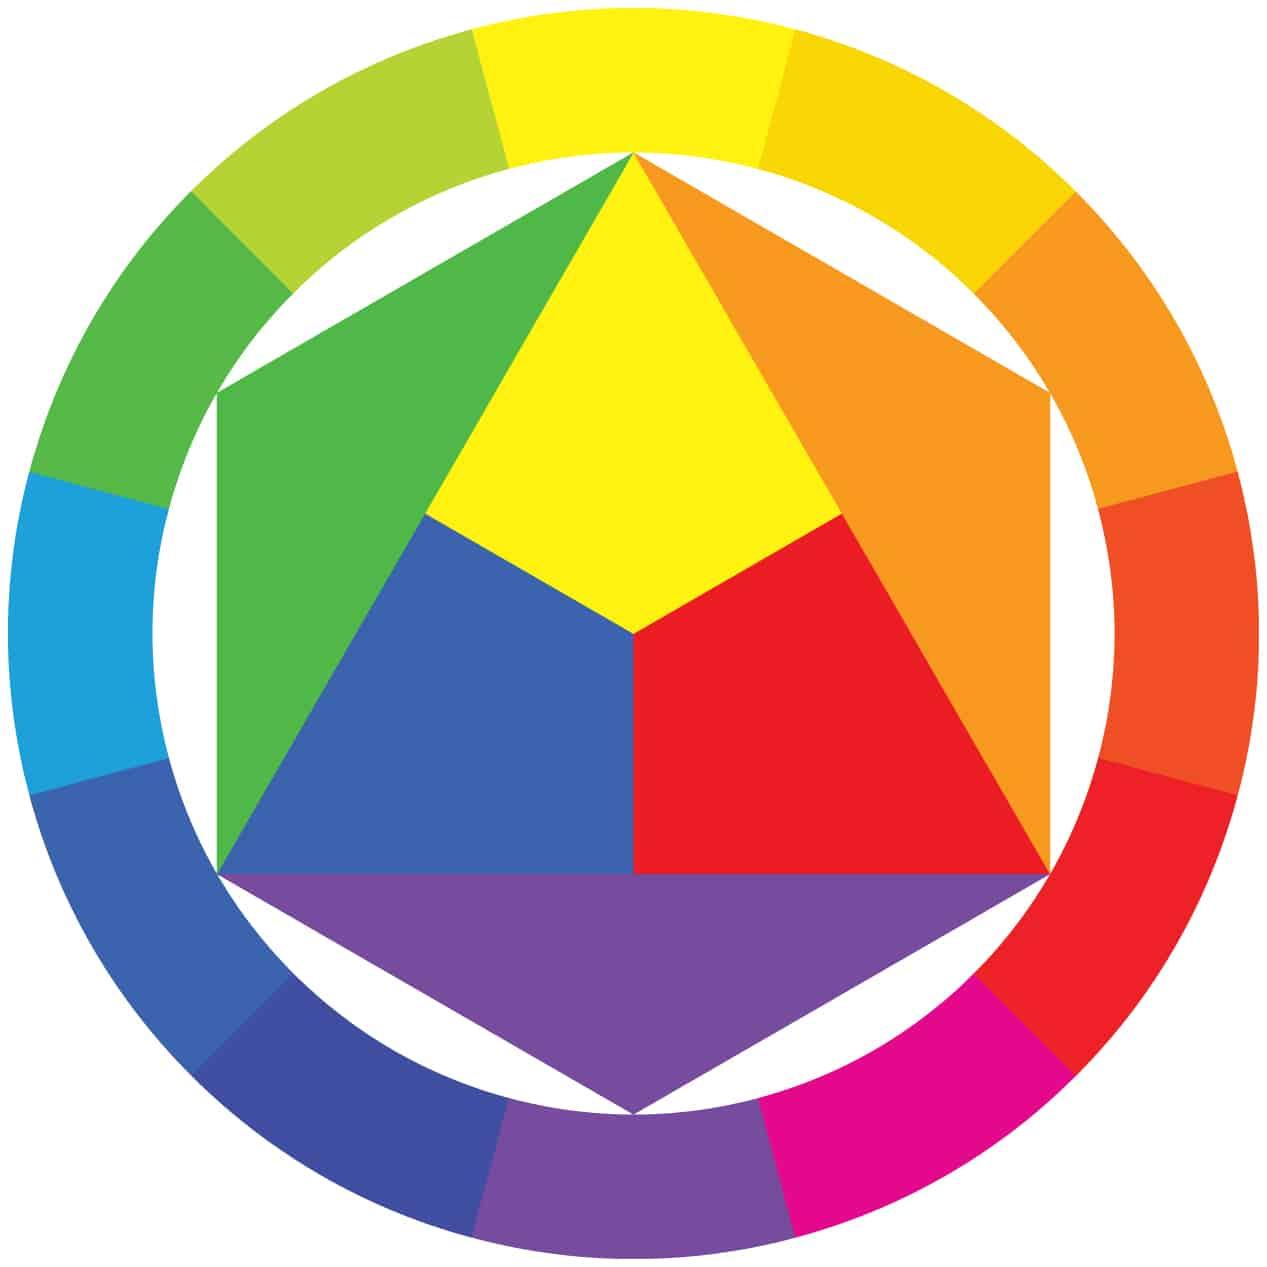 Kleurentheorie